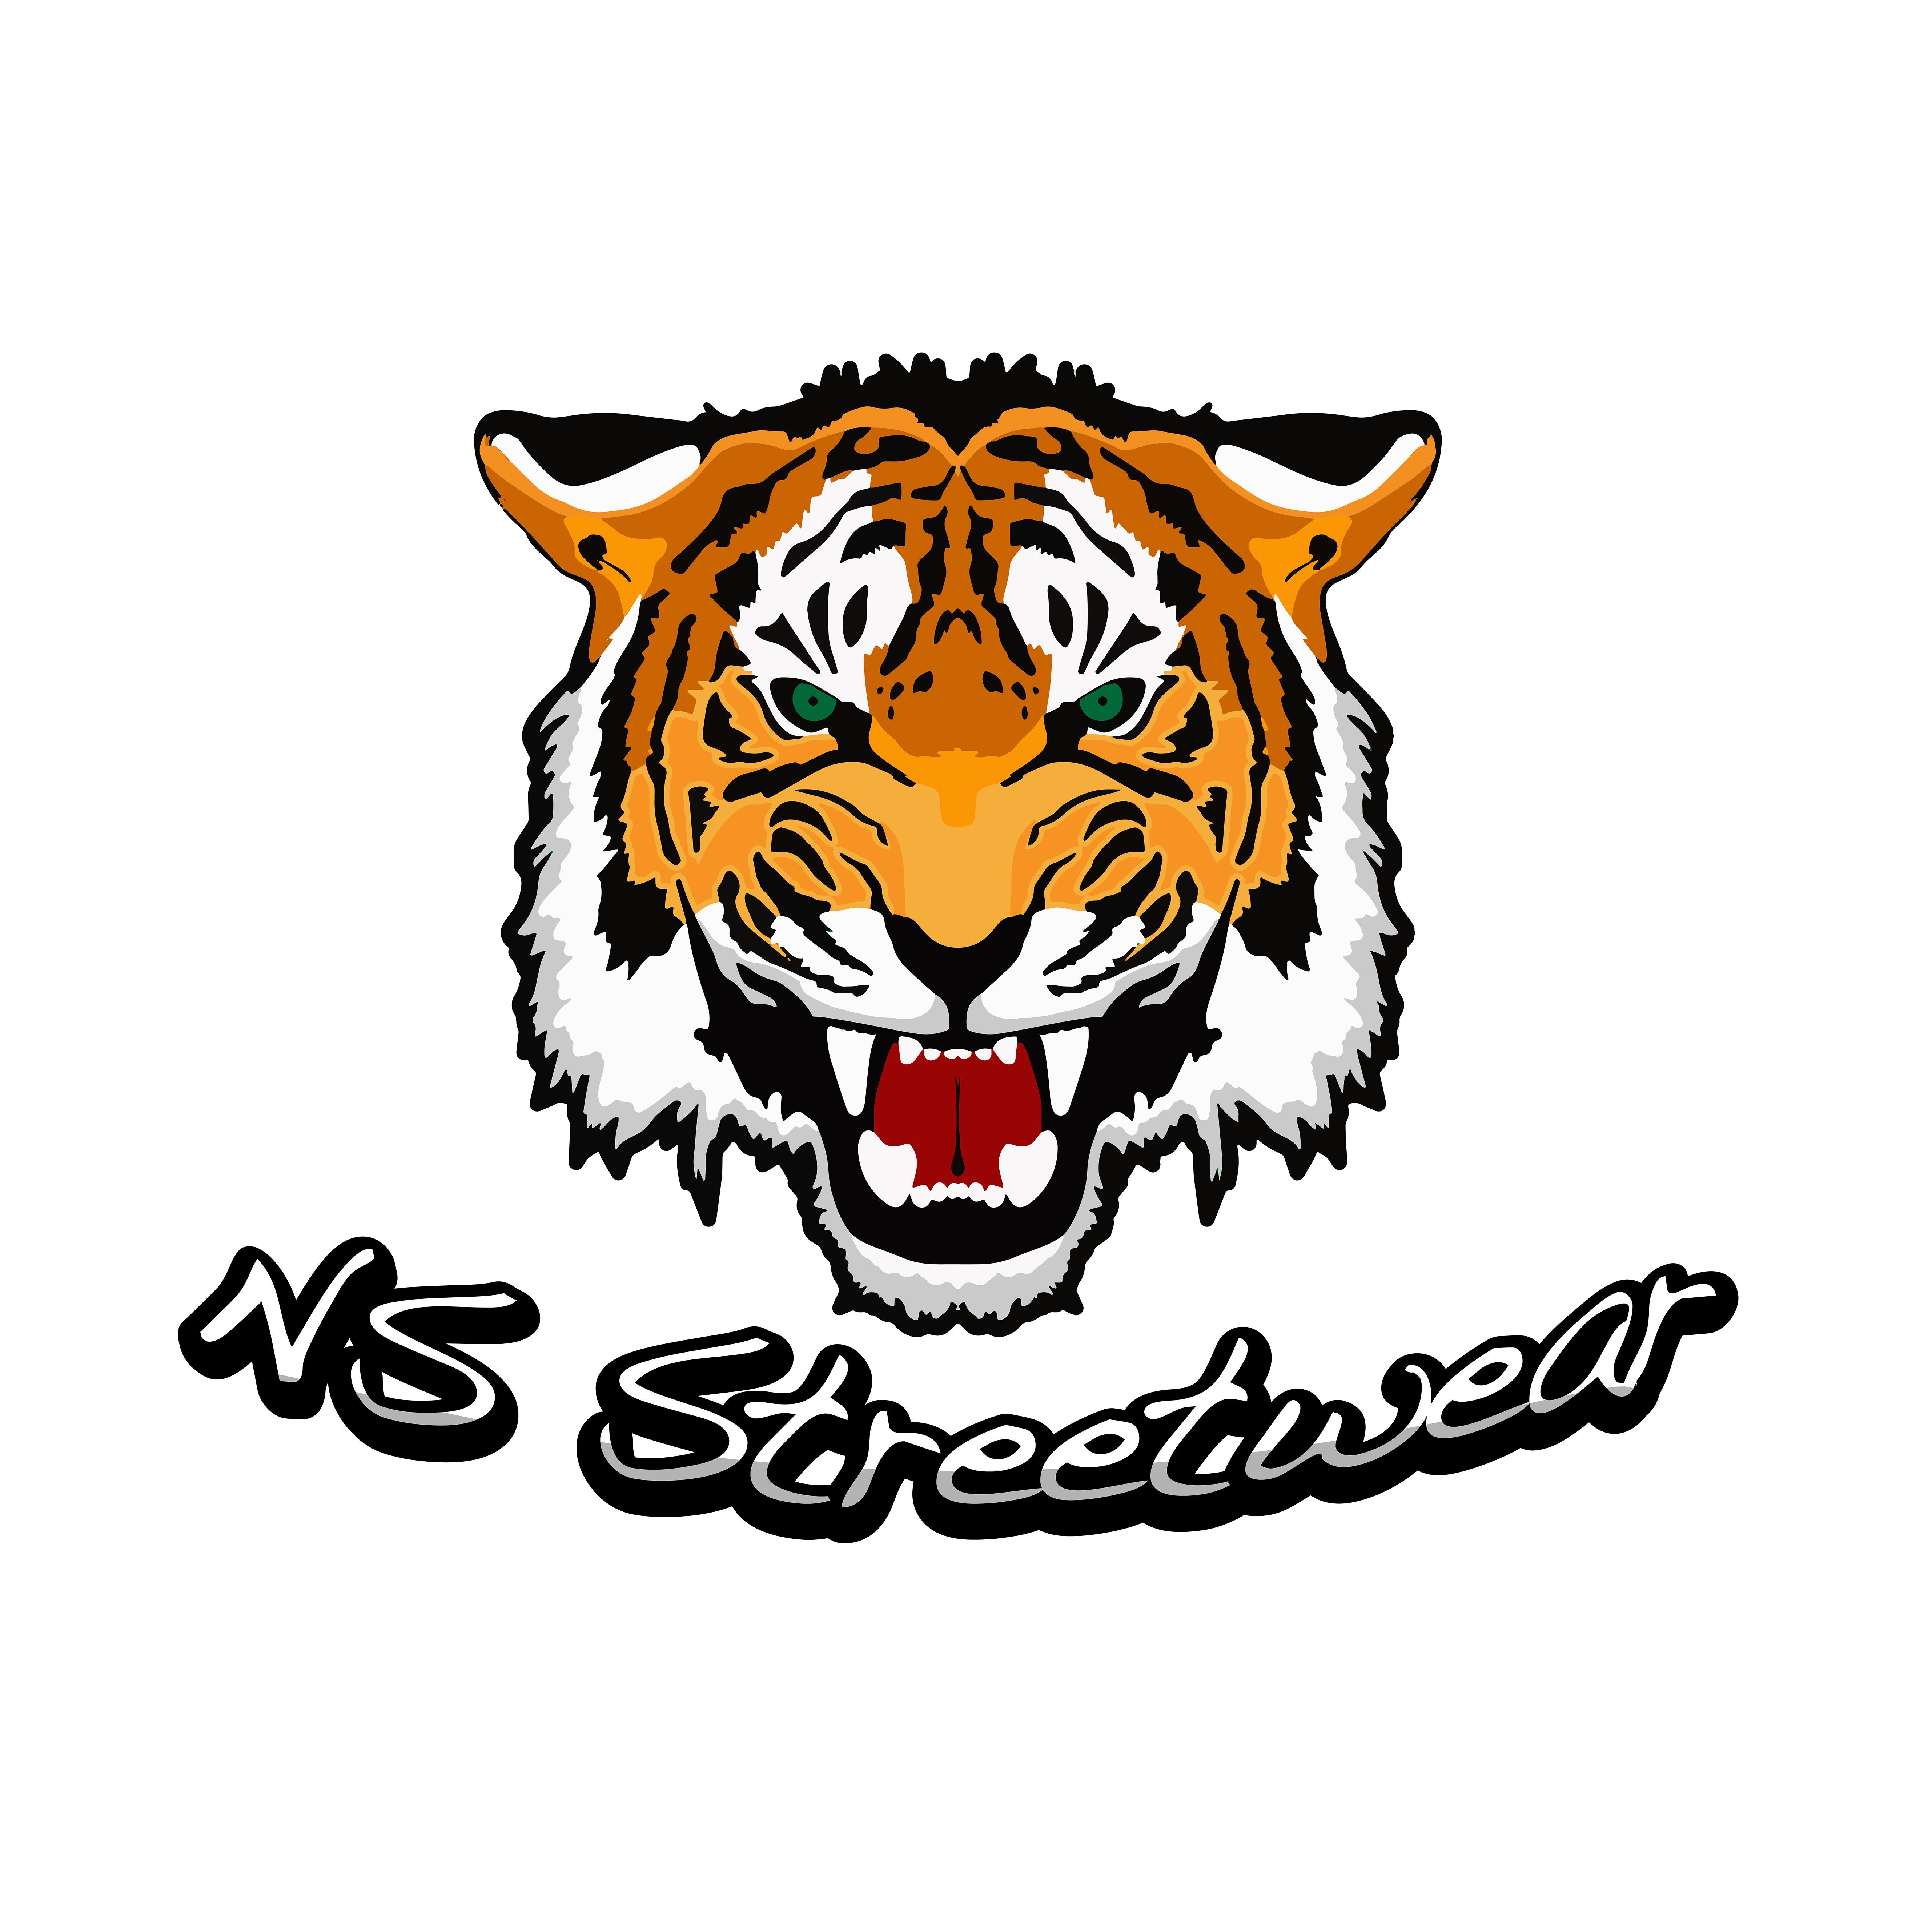 NS STREETWEAR